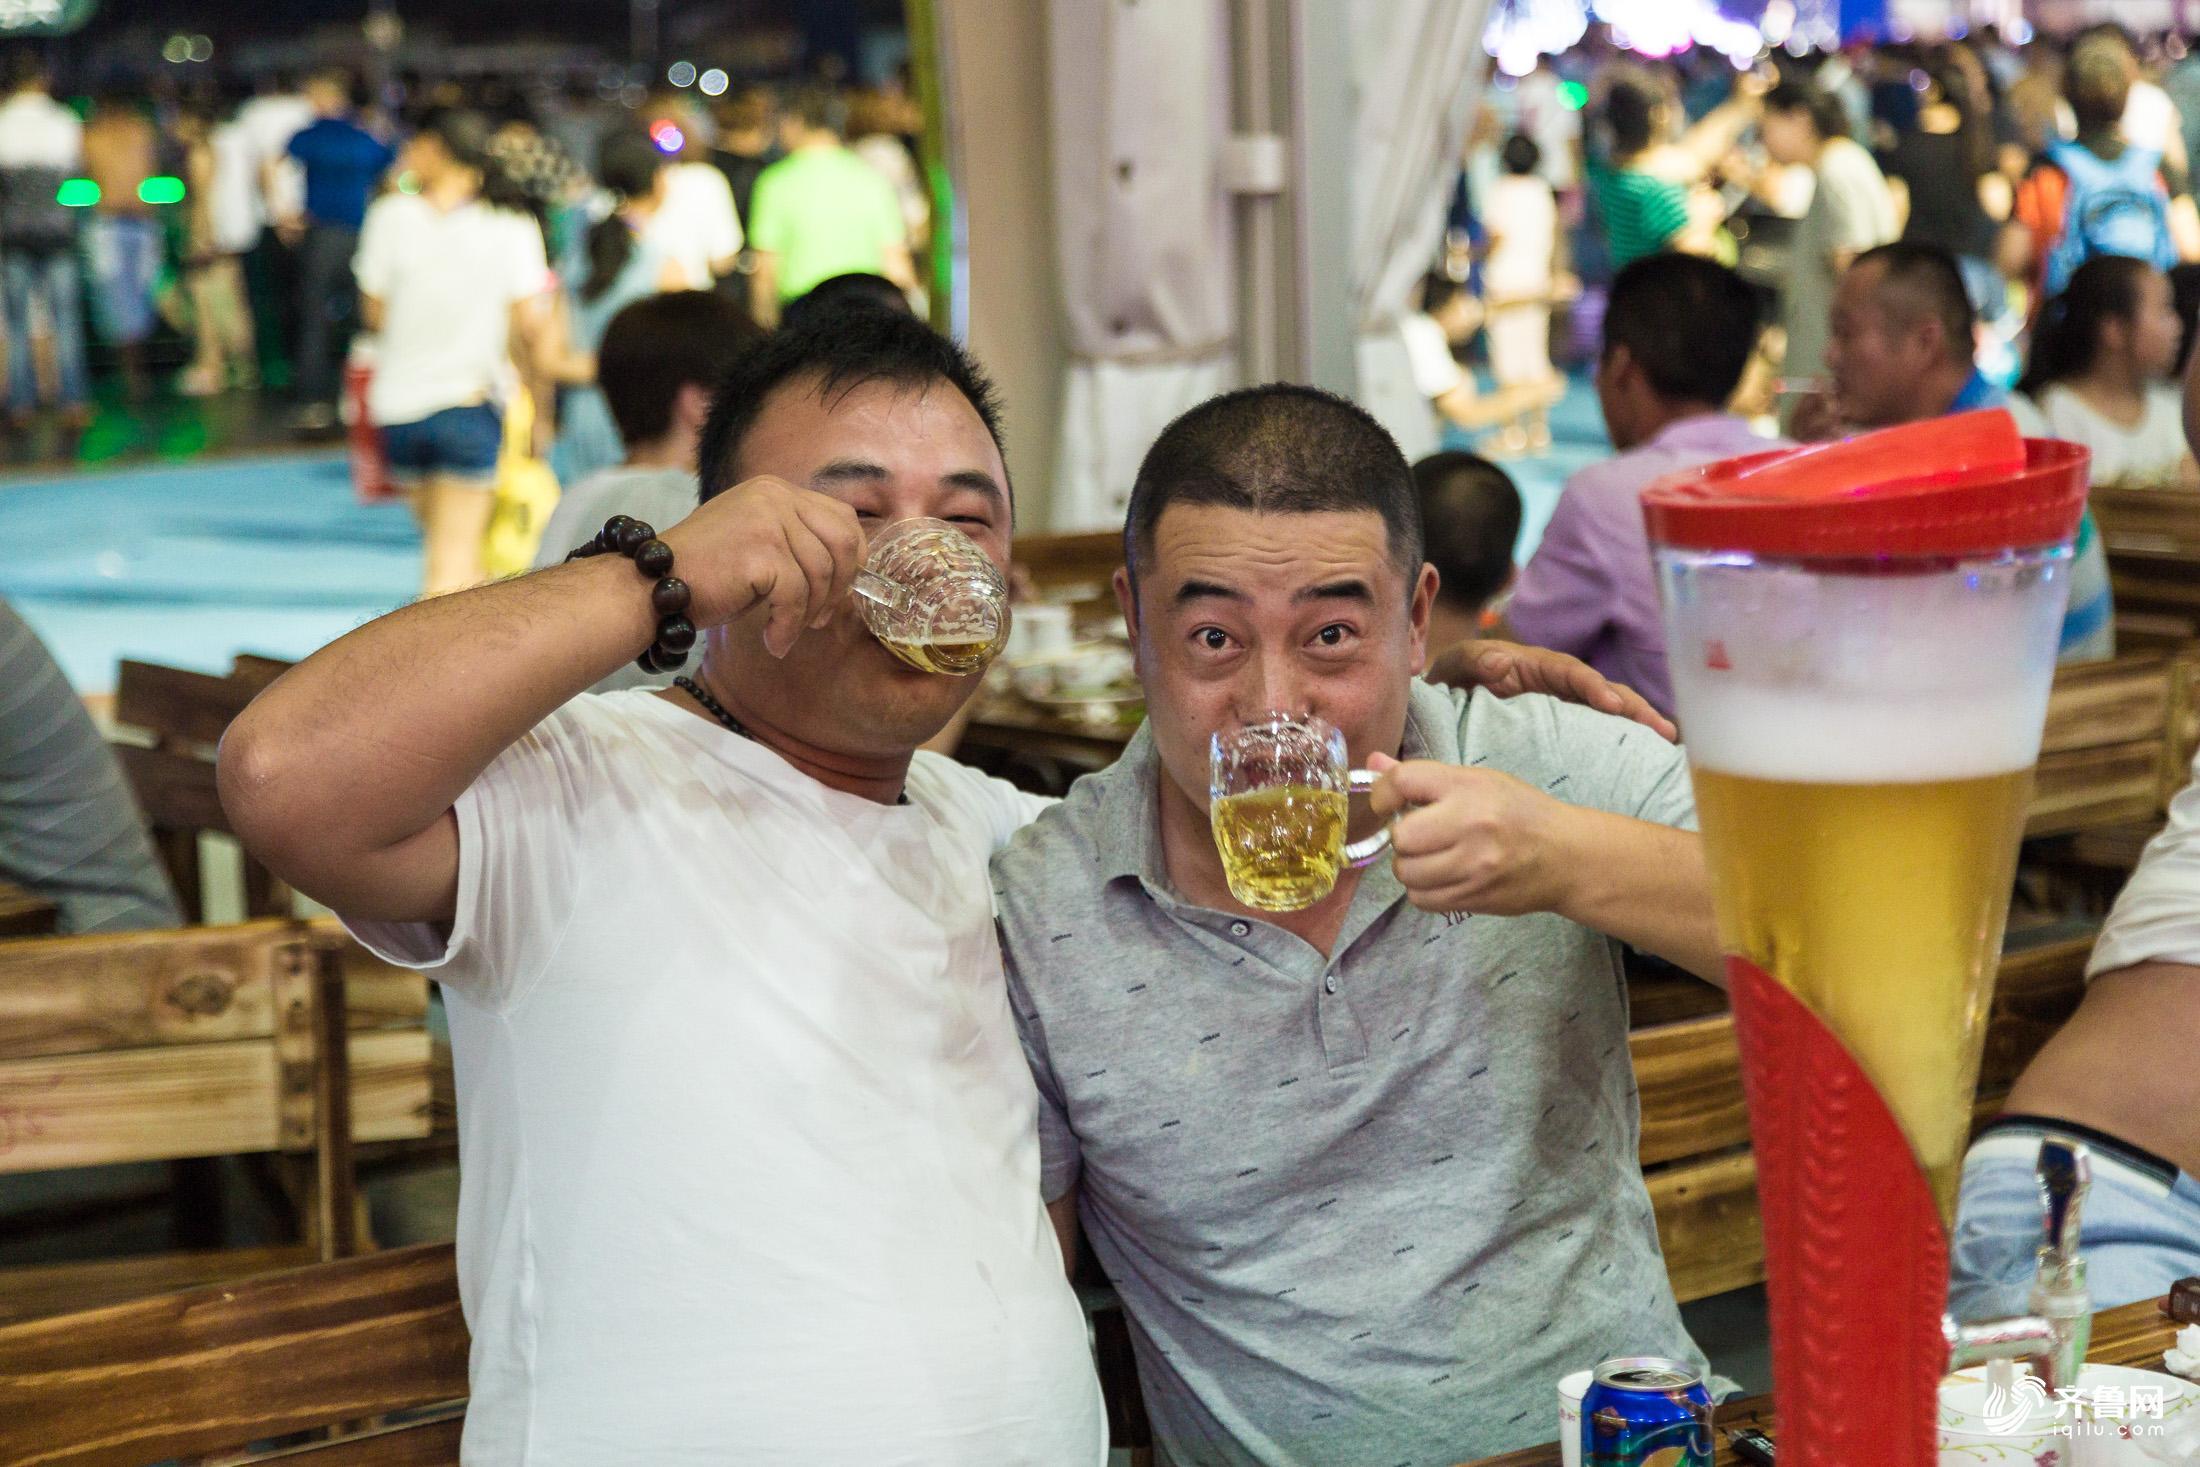 哈啤酒 品海鲜 赏海景~青岛西海岸啤酒海鲜美食节让人